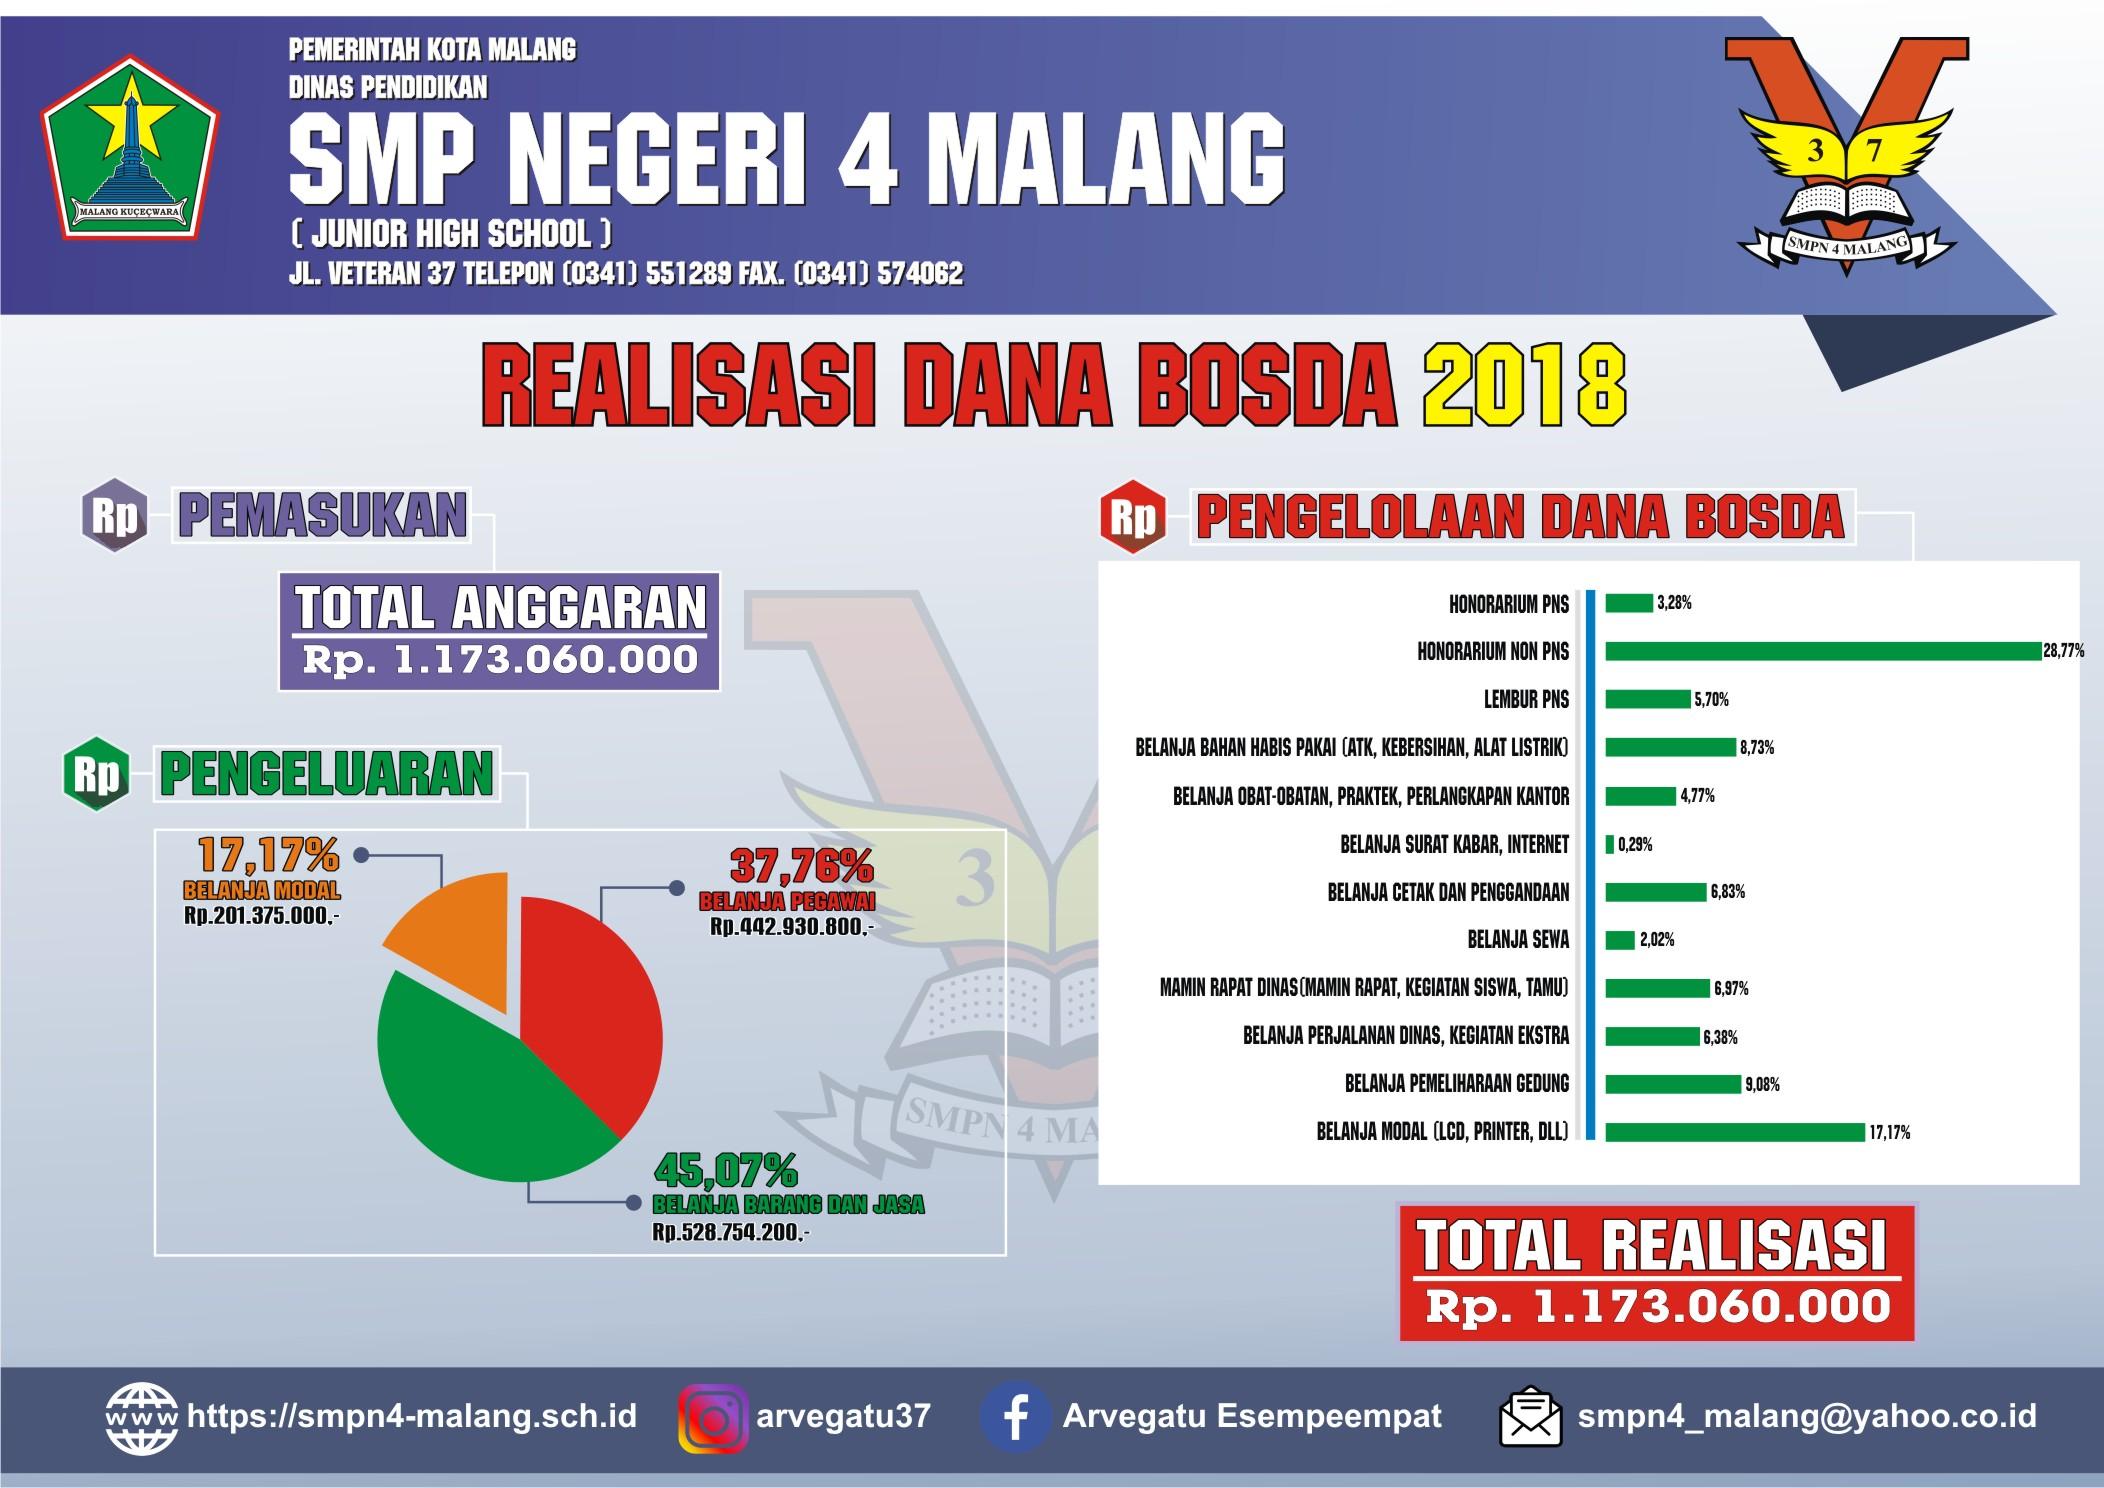 Infografik Bosda 2018 SMP Negeri 4 Malang